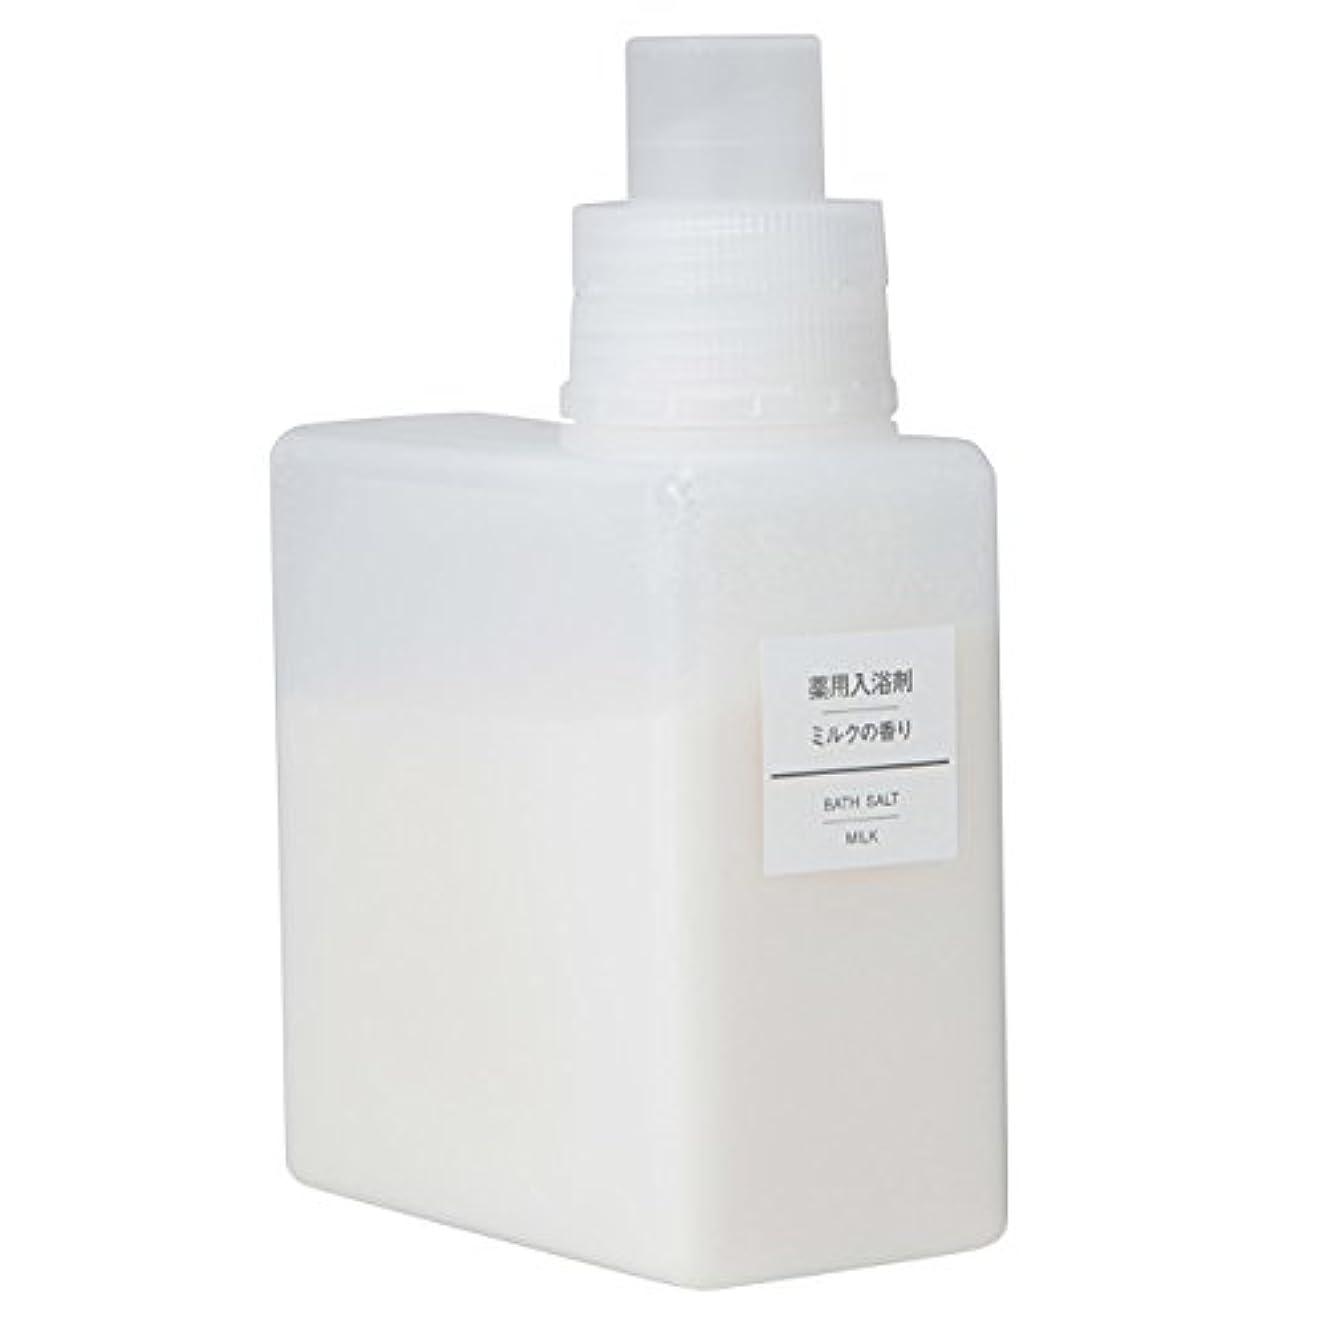 堀通り未亡人無印良品 薬用入浴剤?ミルクの香り (新)500g 日本製